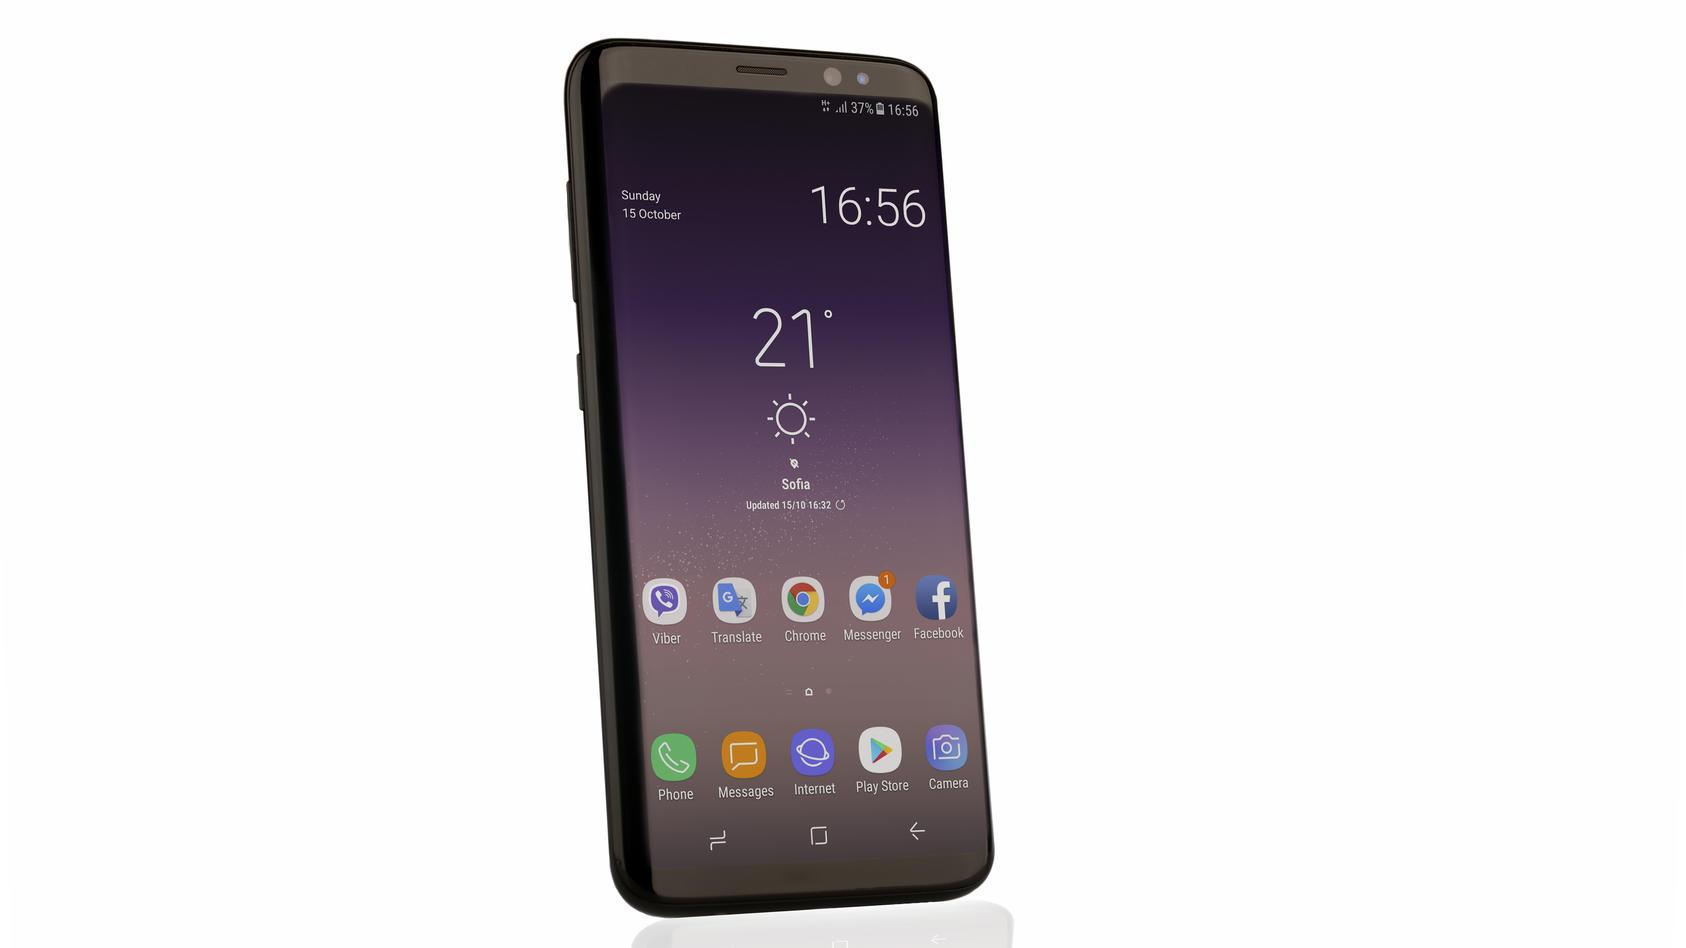 Bei dem 2017 erschienenen Samsung Galaxy S8 wurde eine Sicherheitslücke entdeckt.